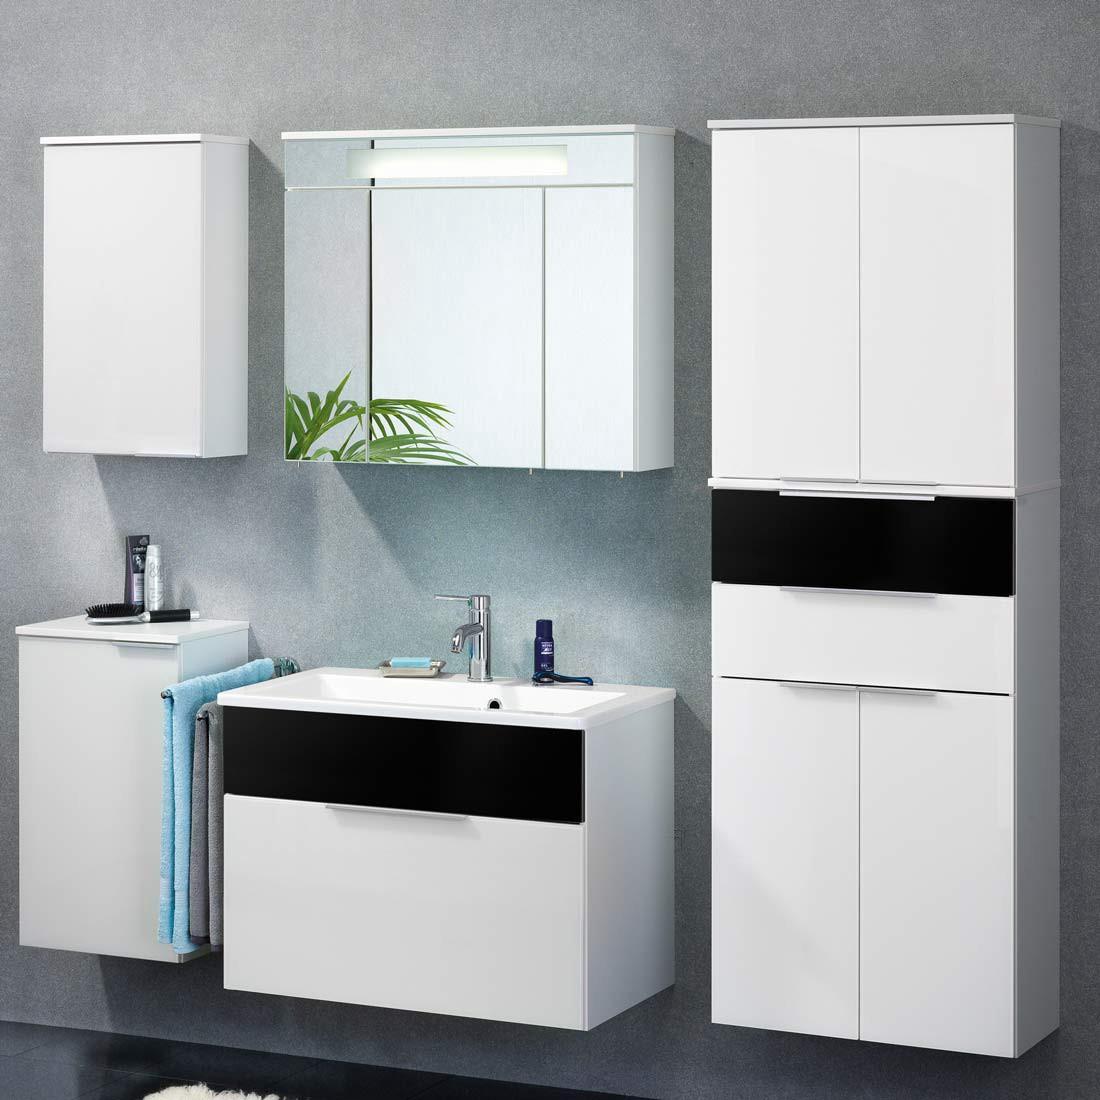 kara 2 badezimmerset wei 4er set. Black Bedroom Furniture Sets. Home Design Ideas